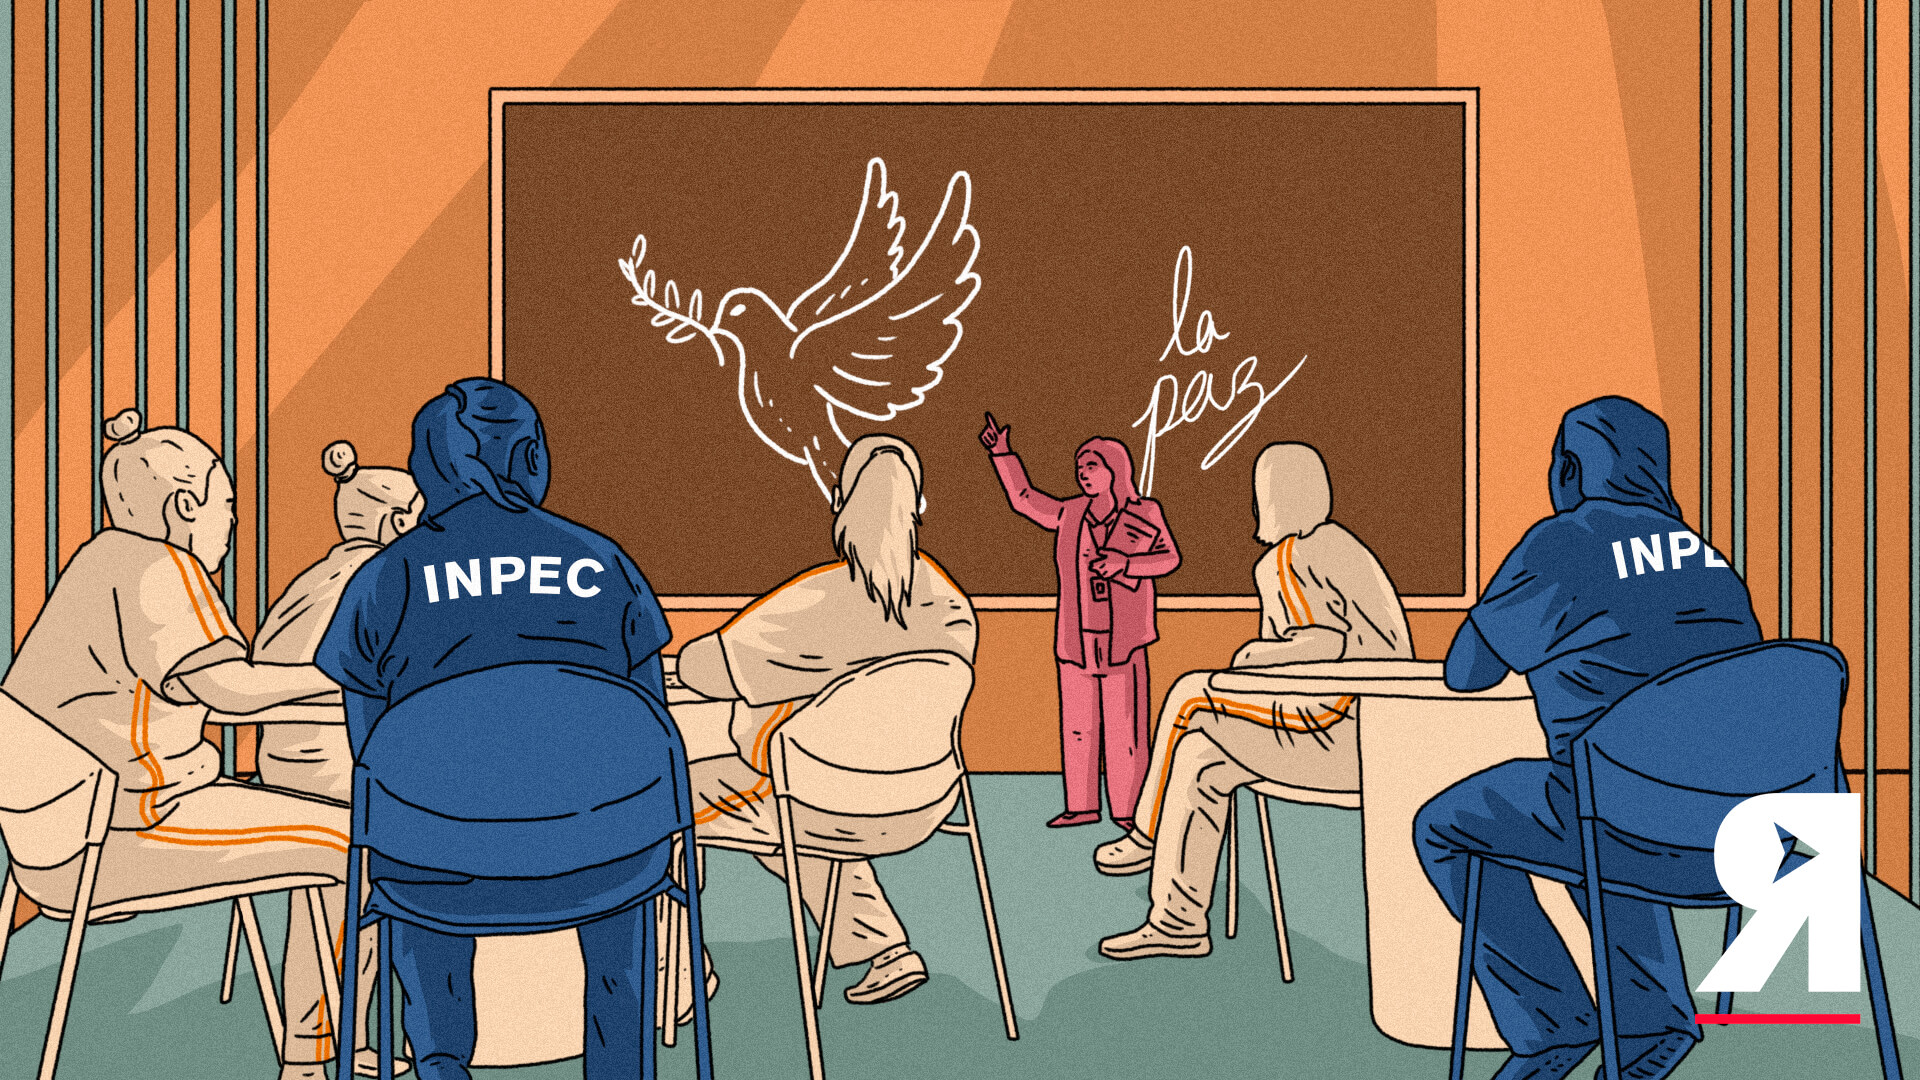 Así es recibir lecciones de paz en una cárcel para mujeres